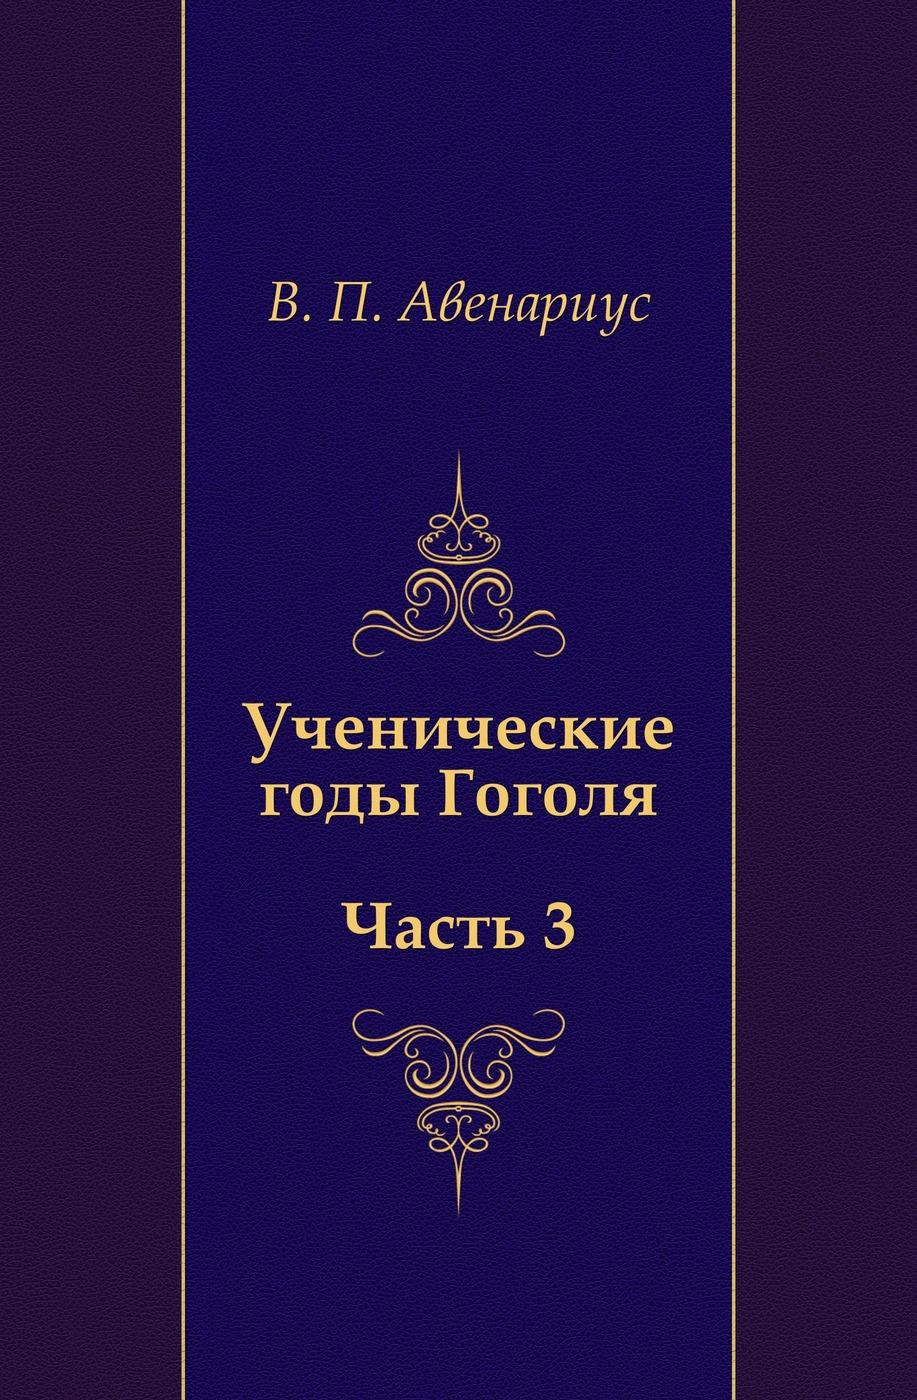 В. П. Авенариус Ученические годы Гоголя. Часть 3